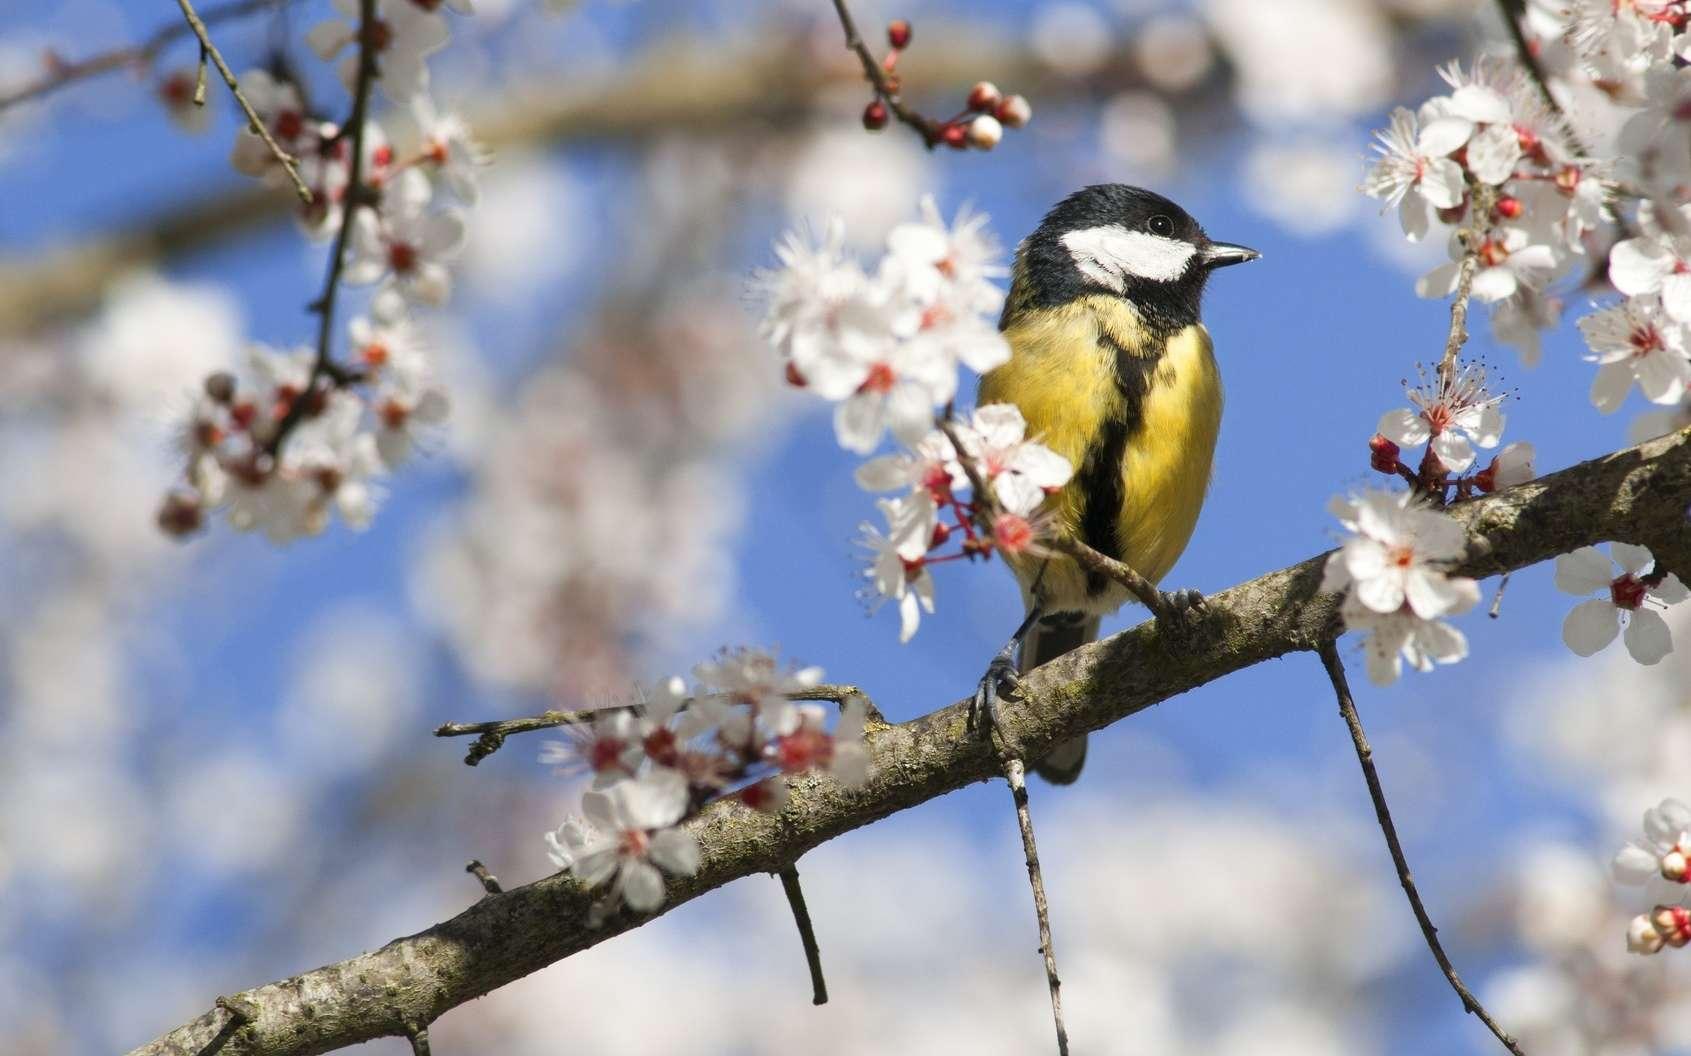 Ce printemps, les oiseaux manquent à l'appel… © mobilise248, Fotolia